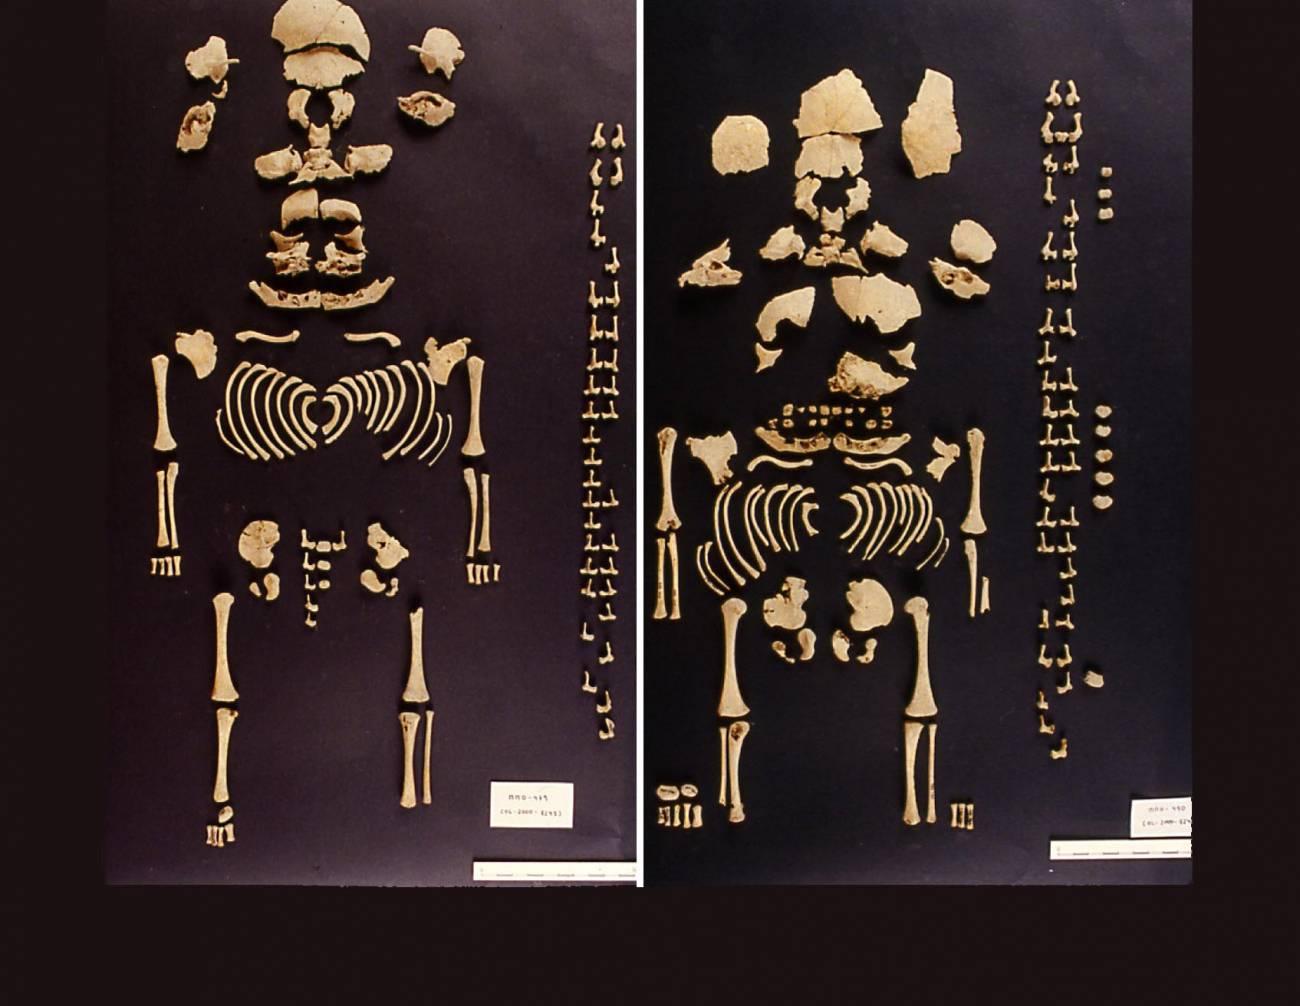 Fotografía de los restos OL-2000-8245 (derecha) y OL-2000-8246 (izquierda). Imagen: N. Molist.